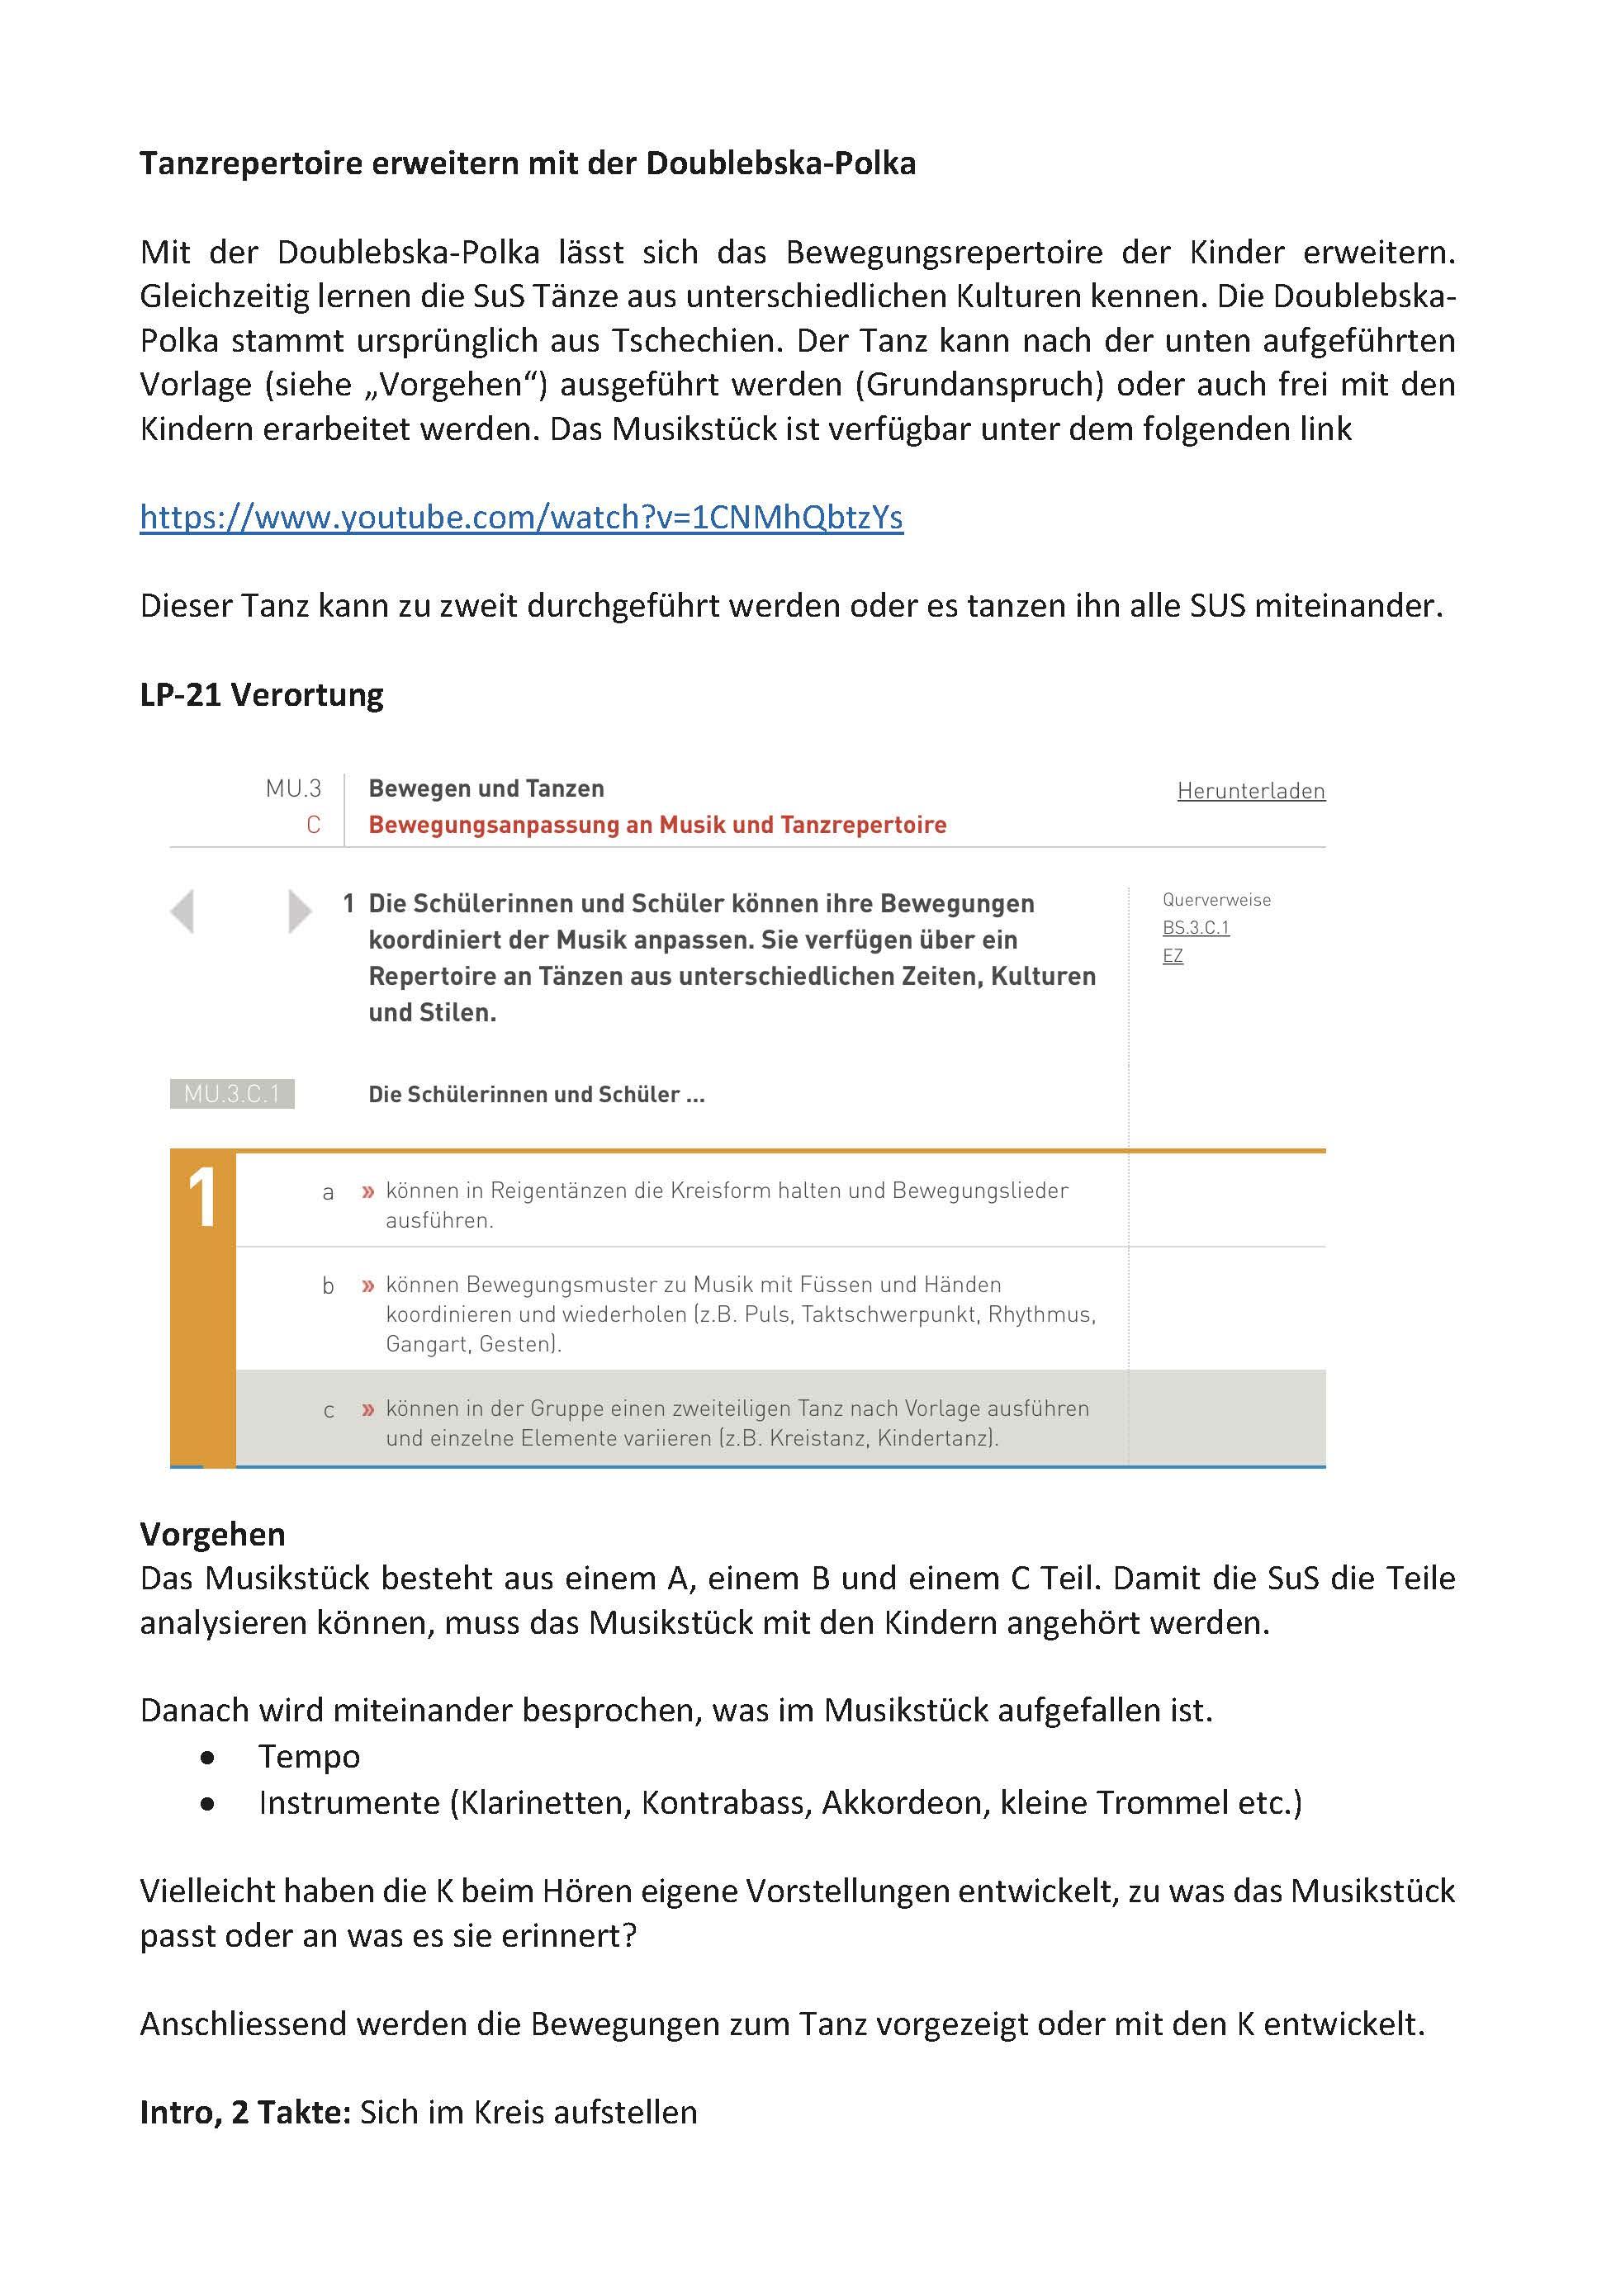 Preview image for LOM object Tanzrepertoire erweitern mit der Doublebska-Polka